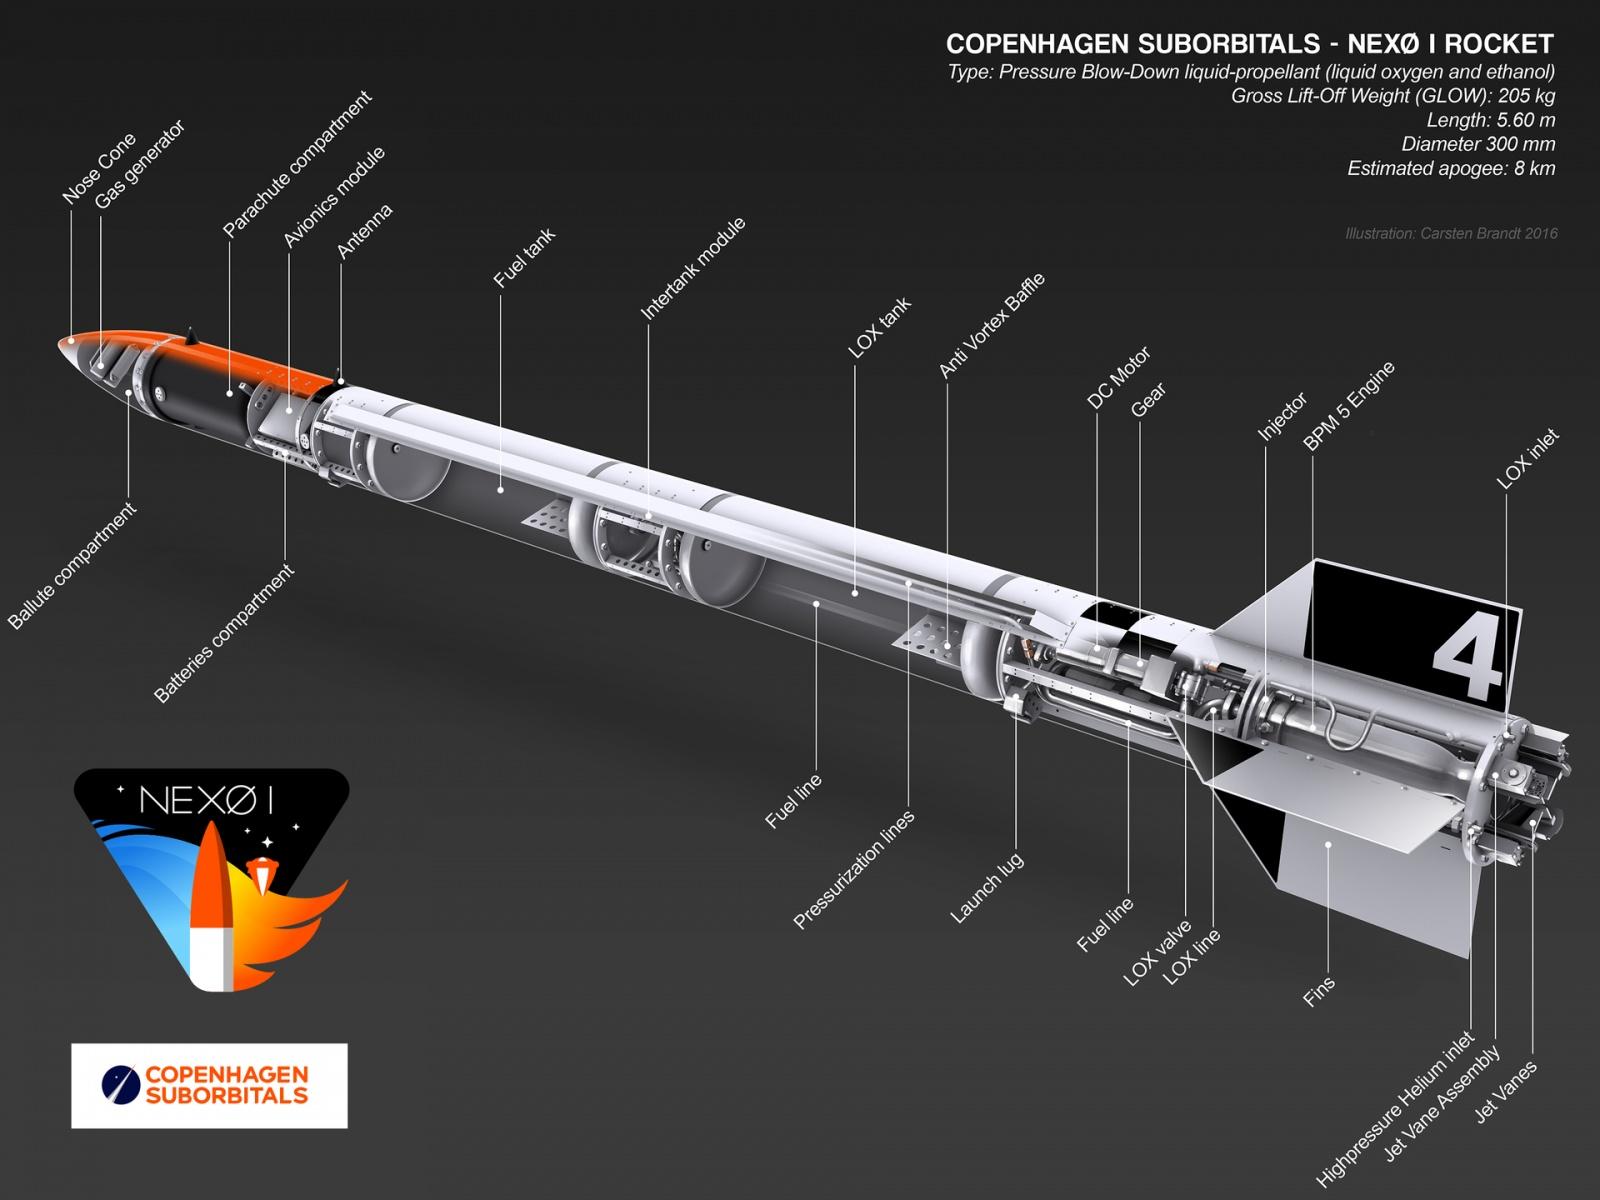 [Обновлено] Copenhagen Suborbitals сегодня запустила очередную суборбитальную ракету - 3